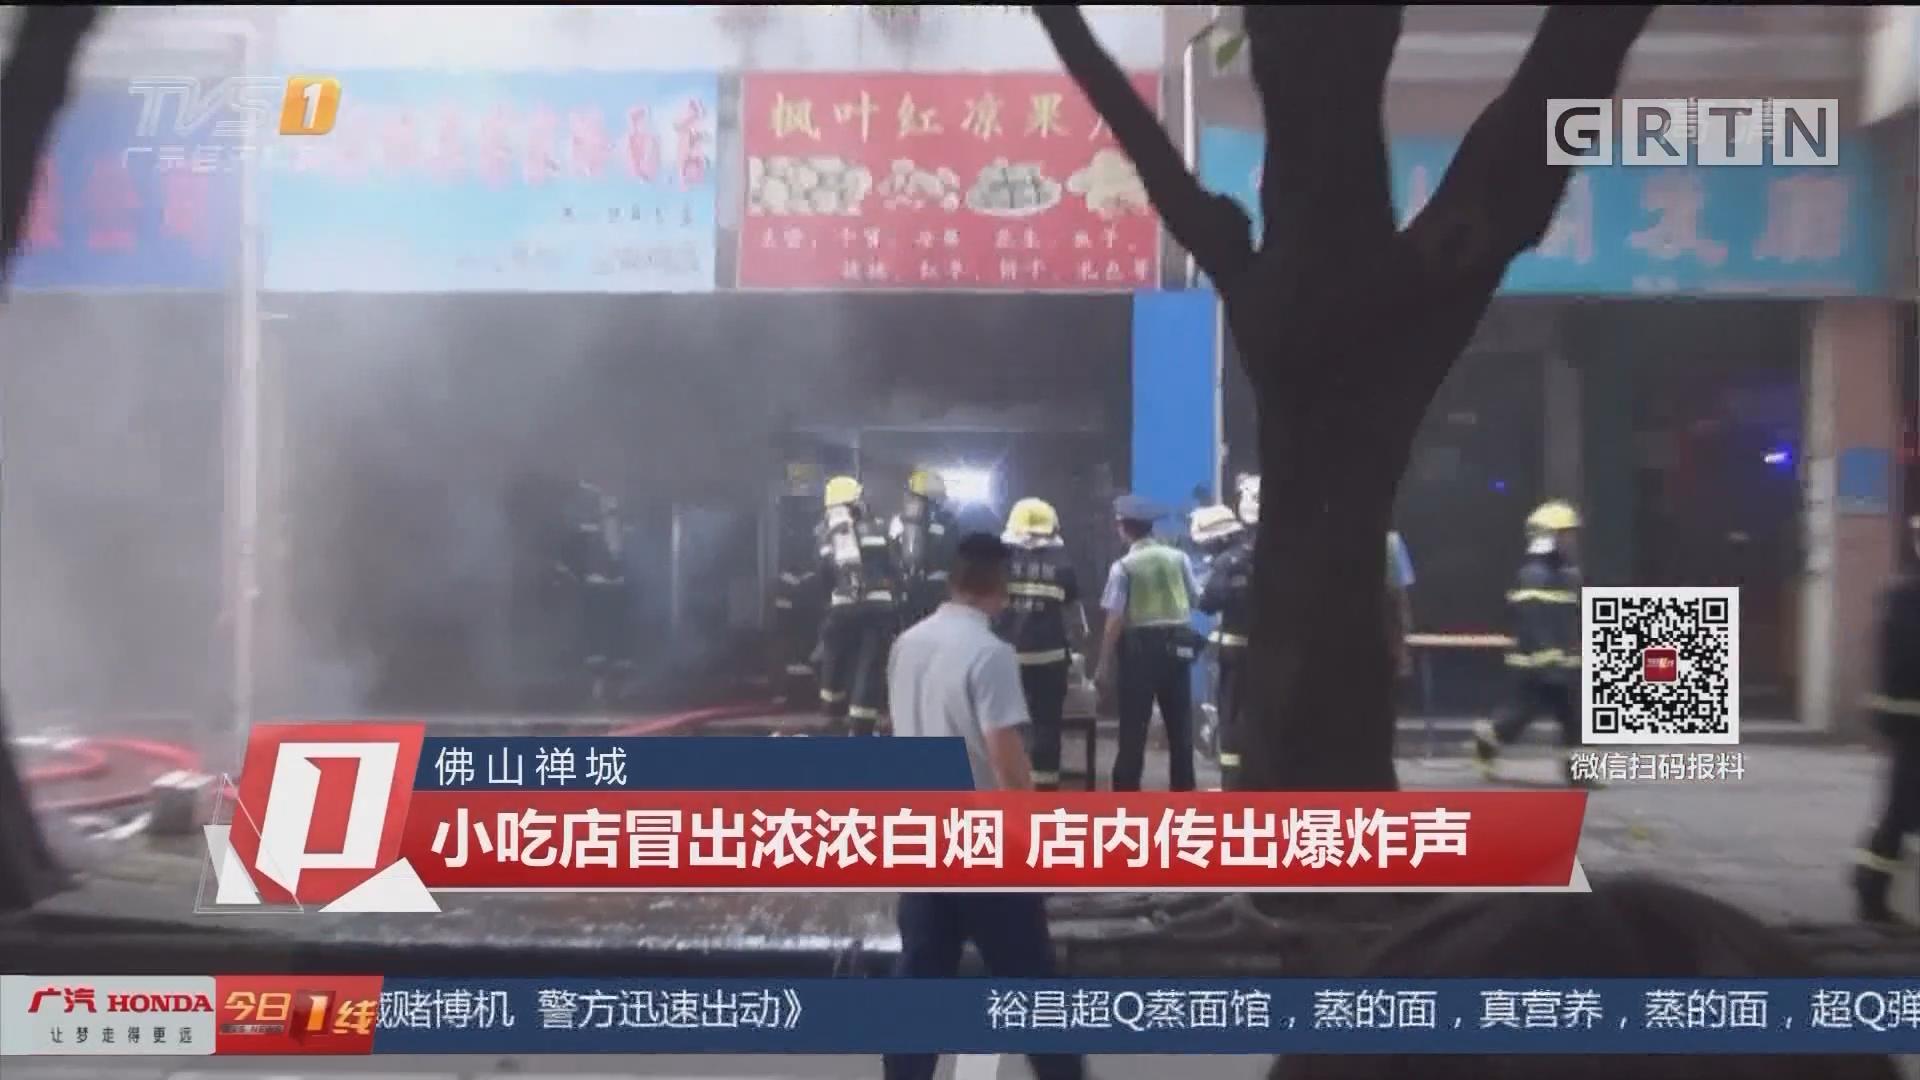 佛山禅城 小吃店冒出浓浓白烟 店内传出爆炸声